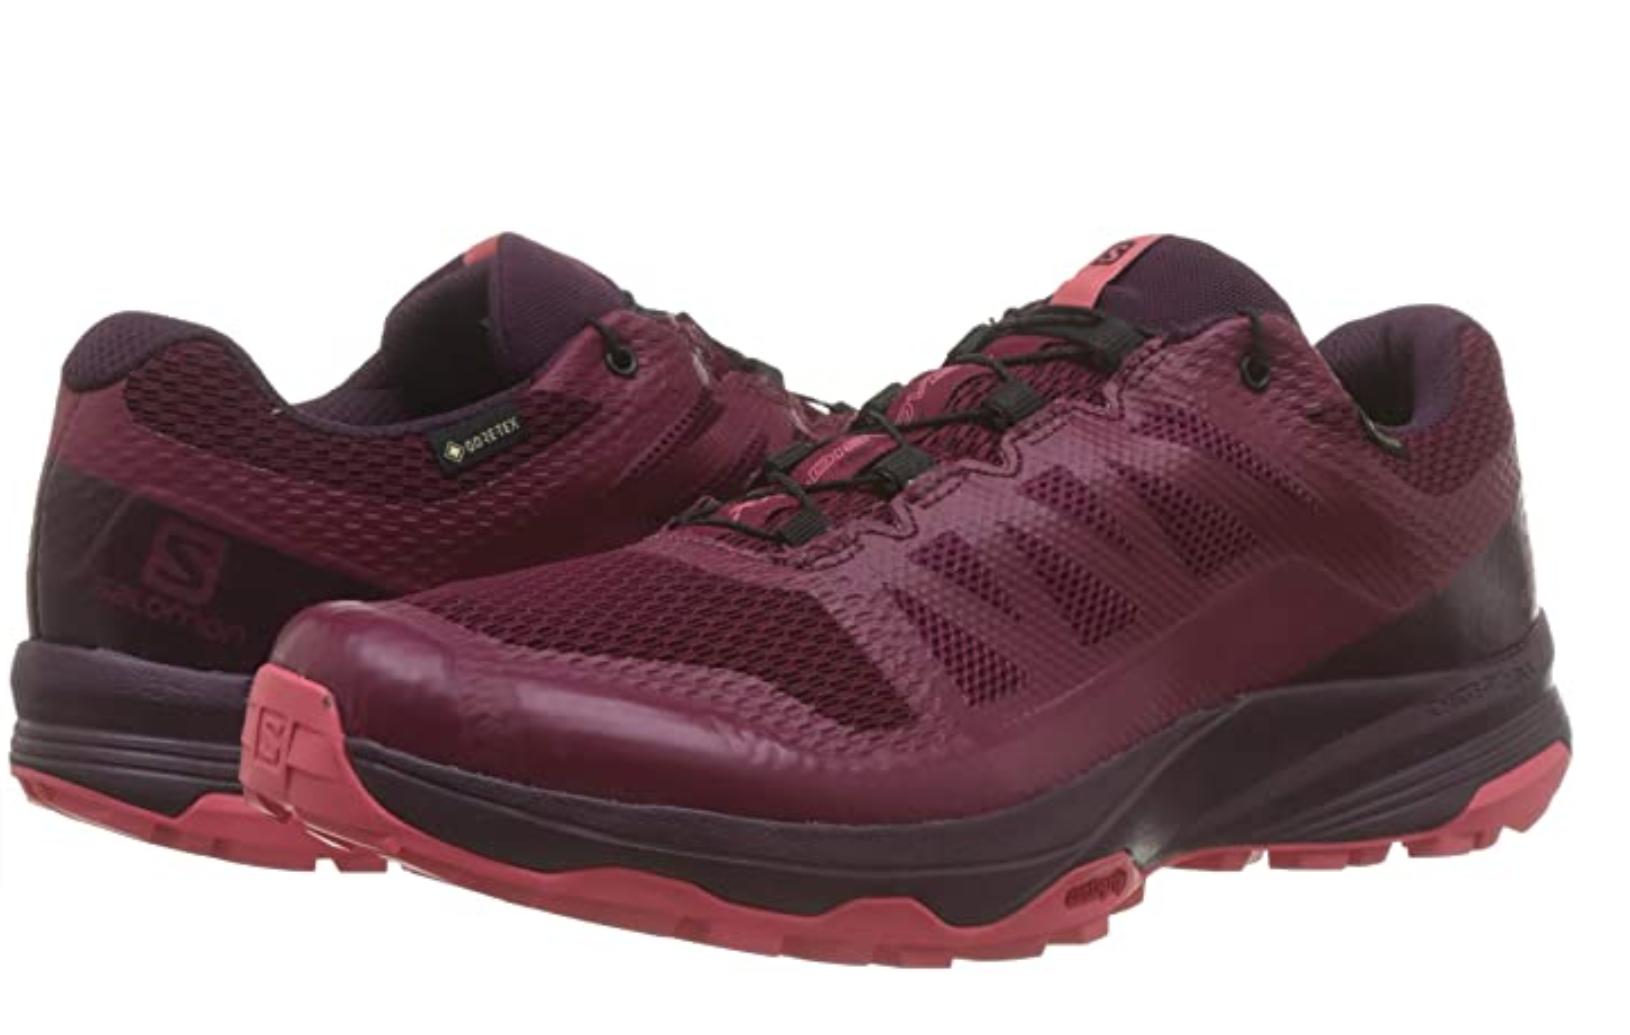 Salomon XA Discovery GTX W, Zapatillas Trail Running de GORETEX para Mujer, talla 42